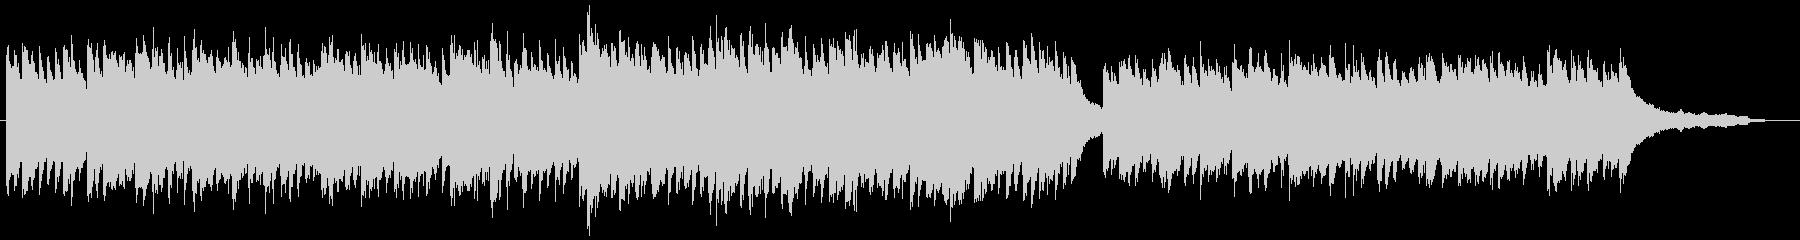 ピアノソロ/叙情系エンディング向きの未再生の波形